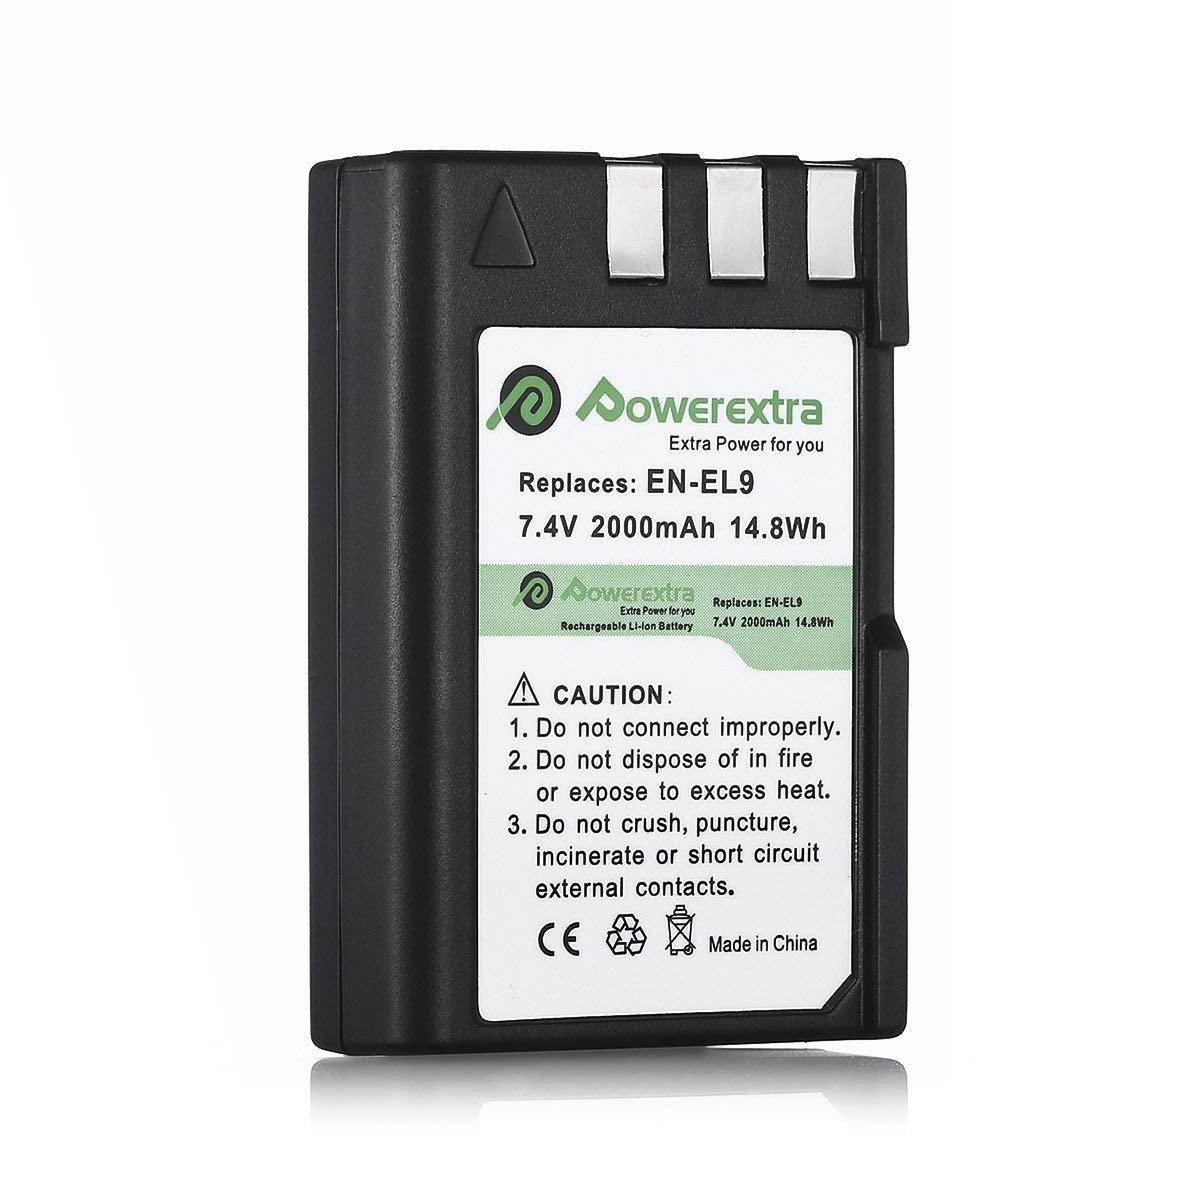 Powerextra 2 Pack Nikon EN-EL9 Rechargeable Li-ion Battery for Nikon D40 D40x D60 D3000 D5000 Digital Cameras as Nikon ENEL9 EN-EL9A